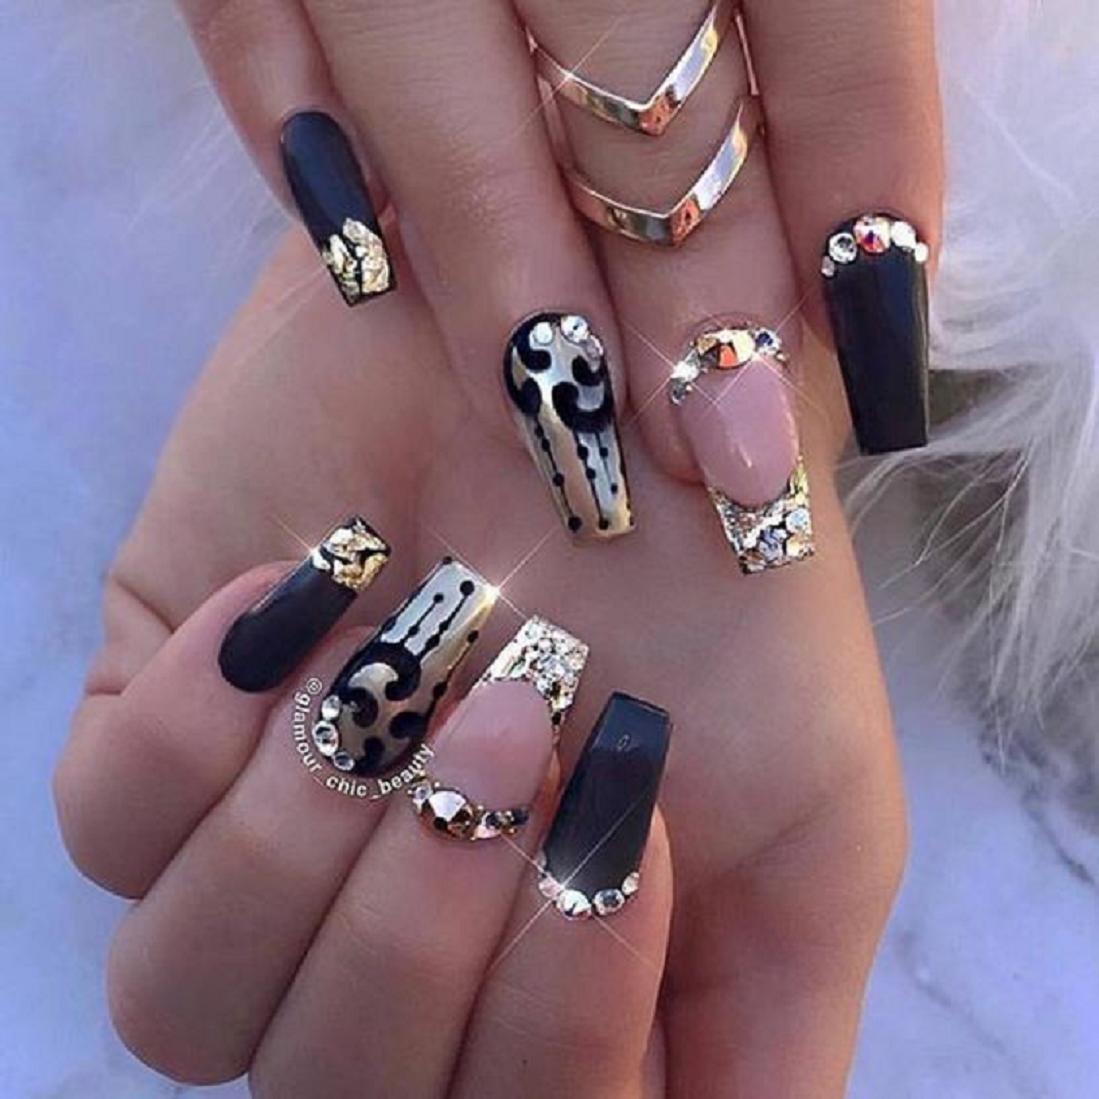 Bling fingernails Box Shaped Nail Tips with Black, Gold and Silver Nail Polish and Rhinestones